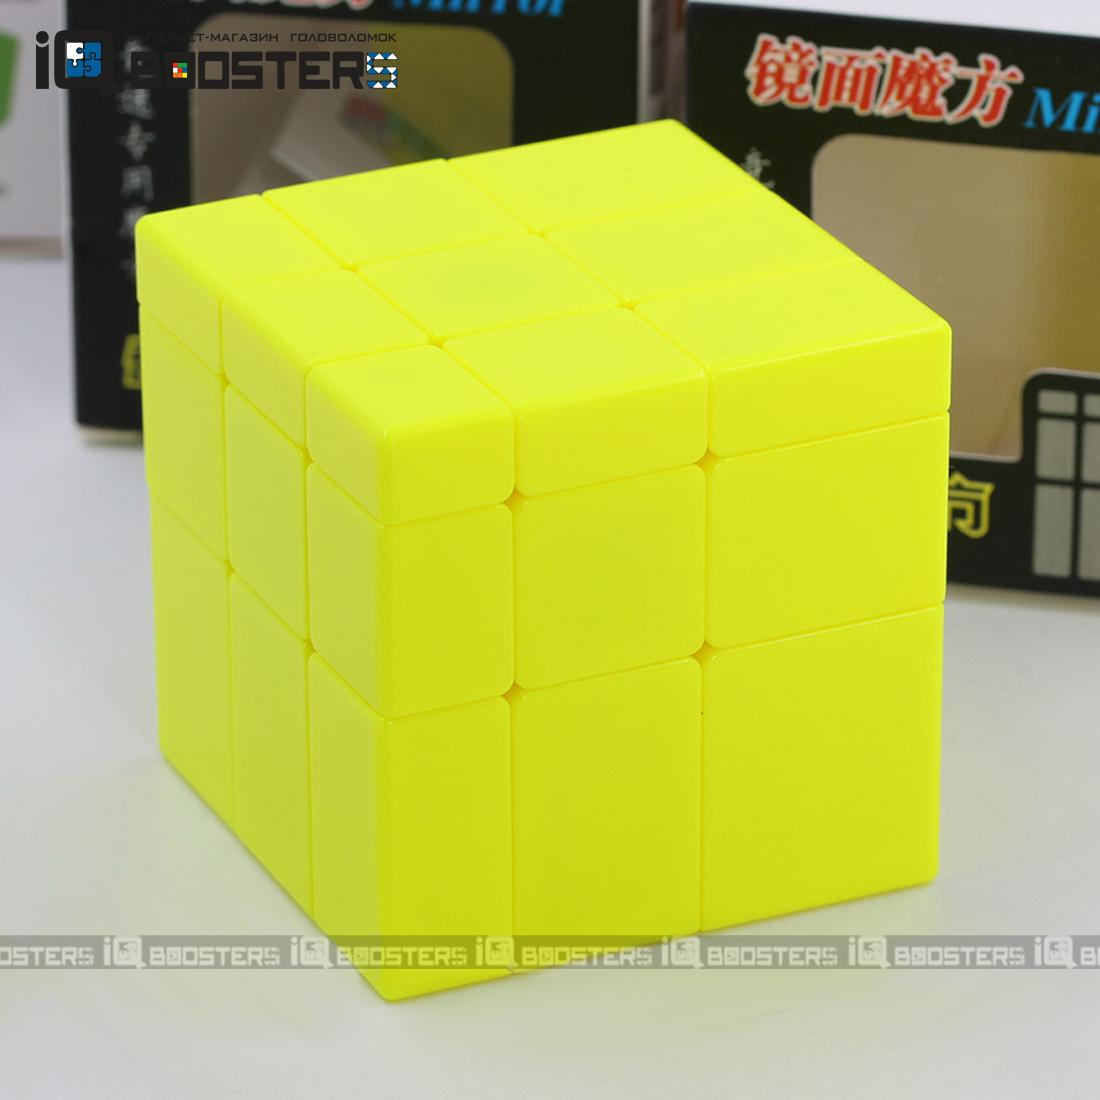 qiyi_mirror_cube_1y